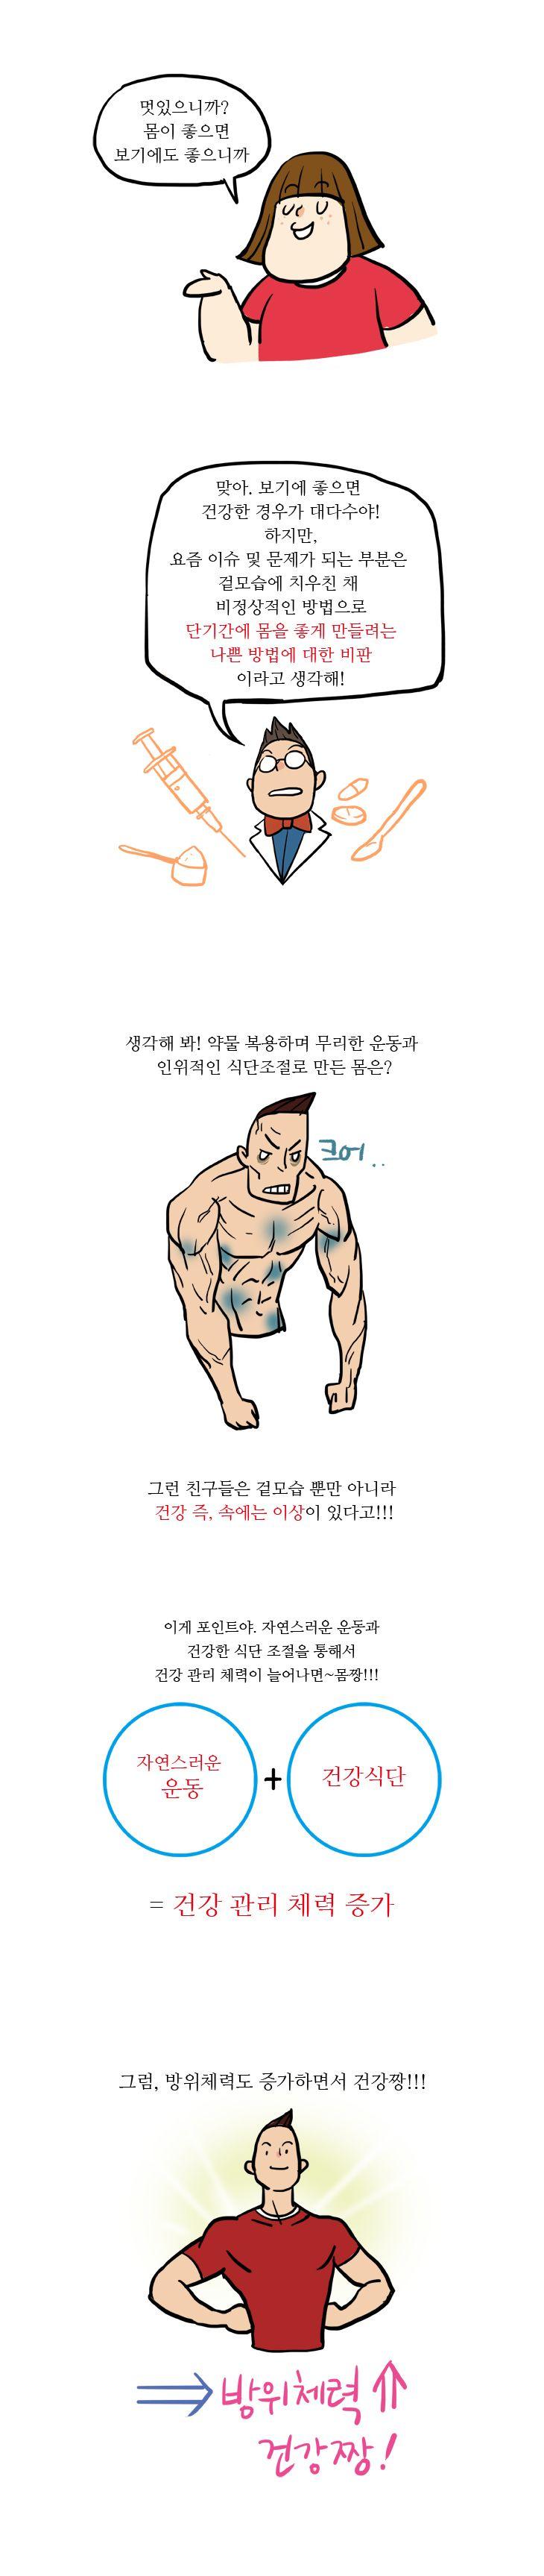 18화, 몸짱이면 건강하다!?